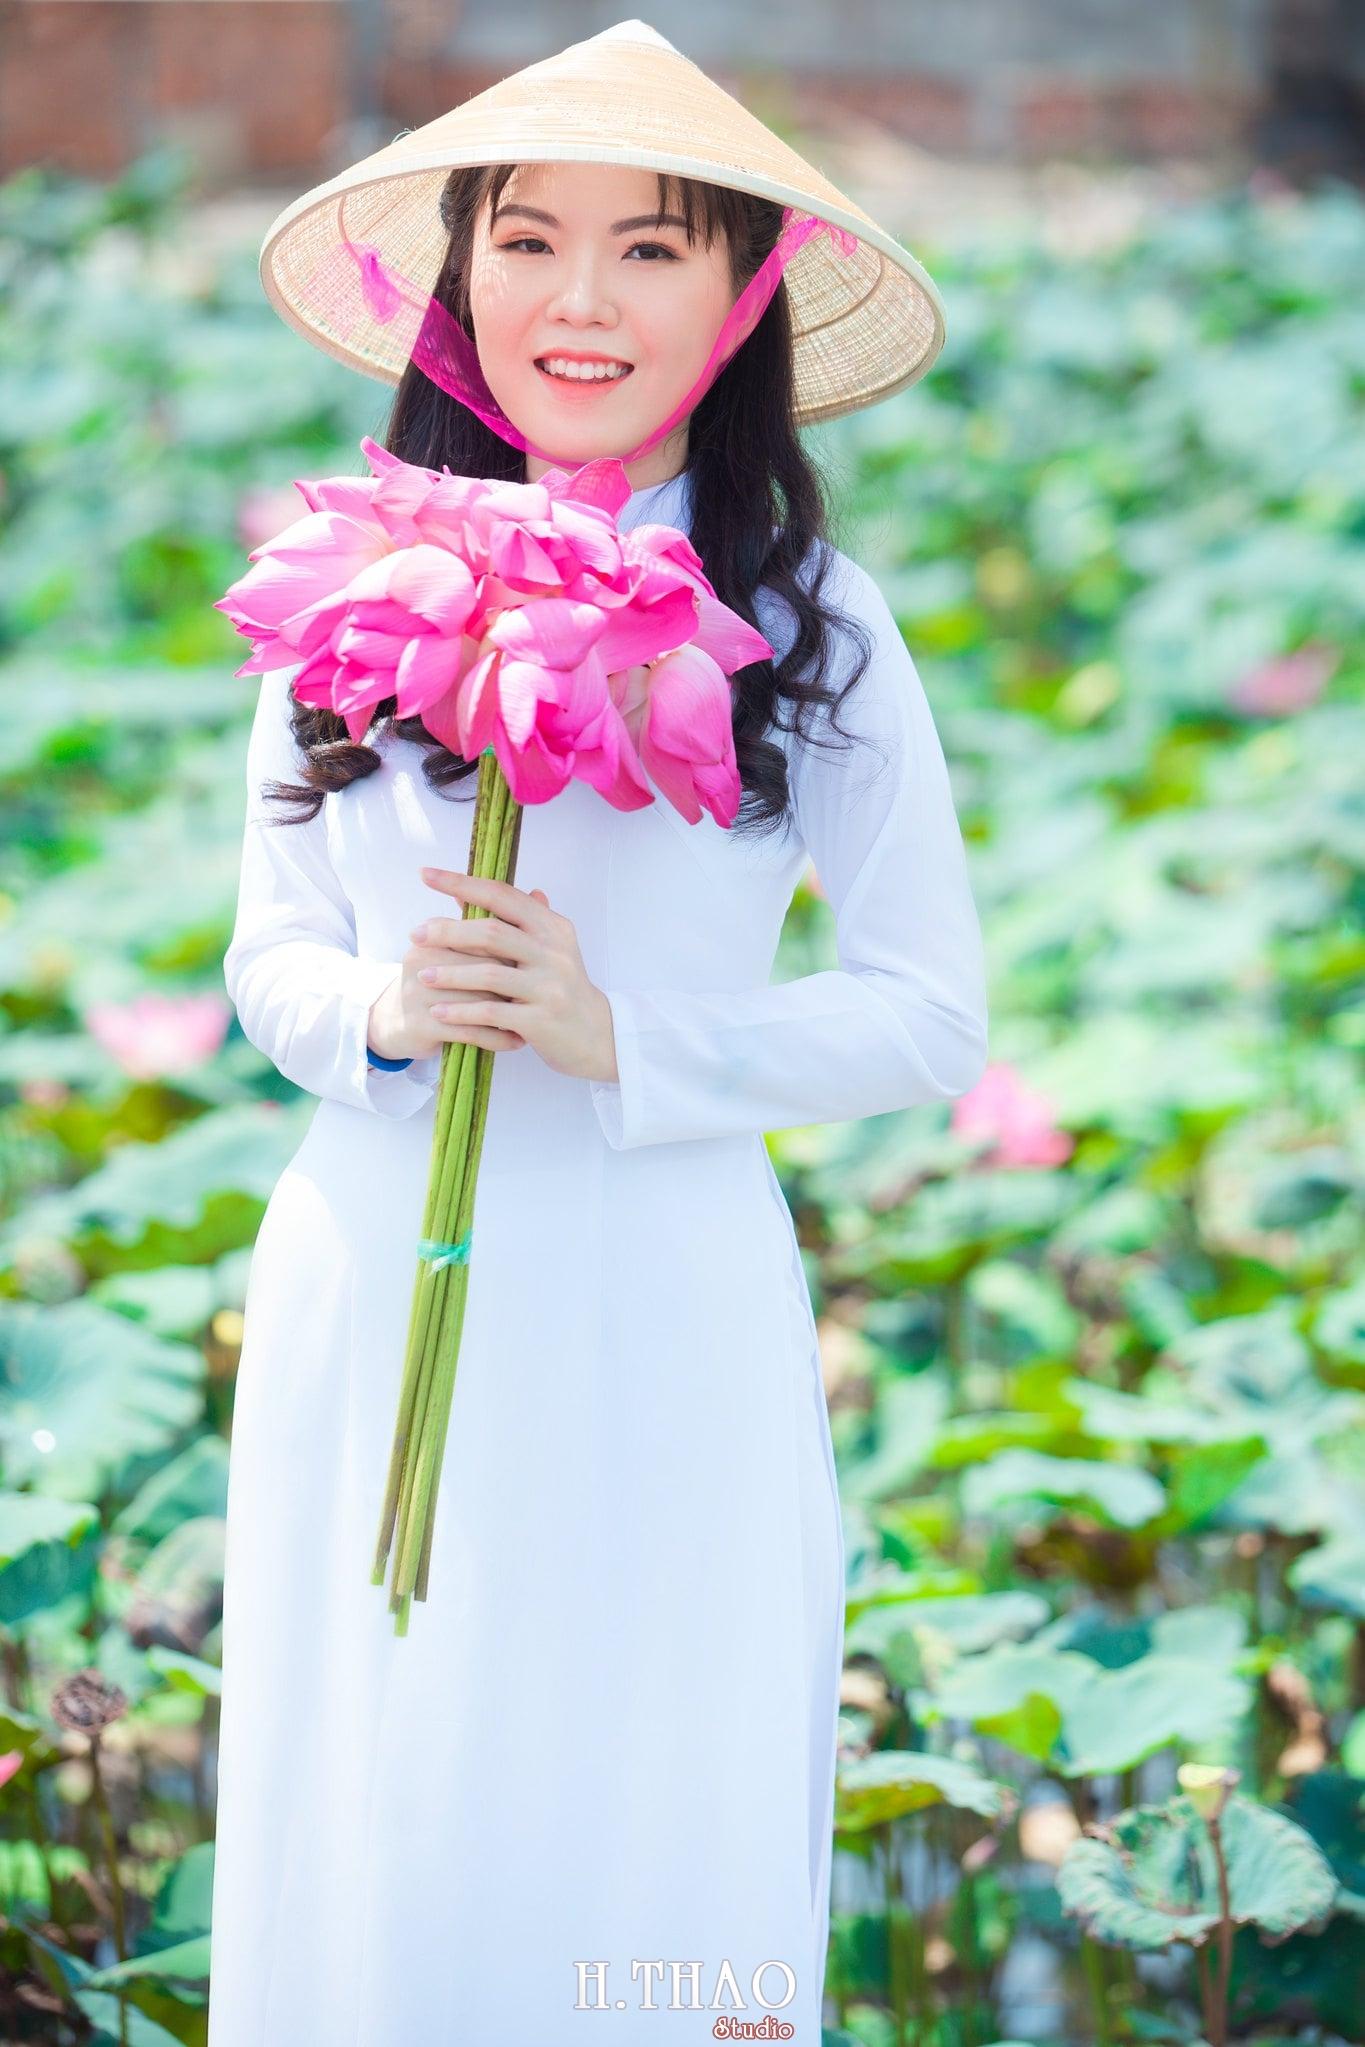 nh áo dài hoa sen 4 - Góc ảnh thiếu nữ áo dài bên hoa sen đẹp tinh khôi- HThao Studio